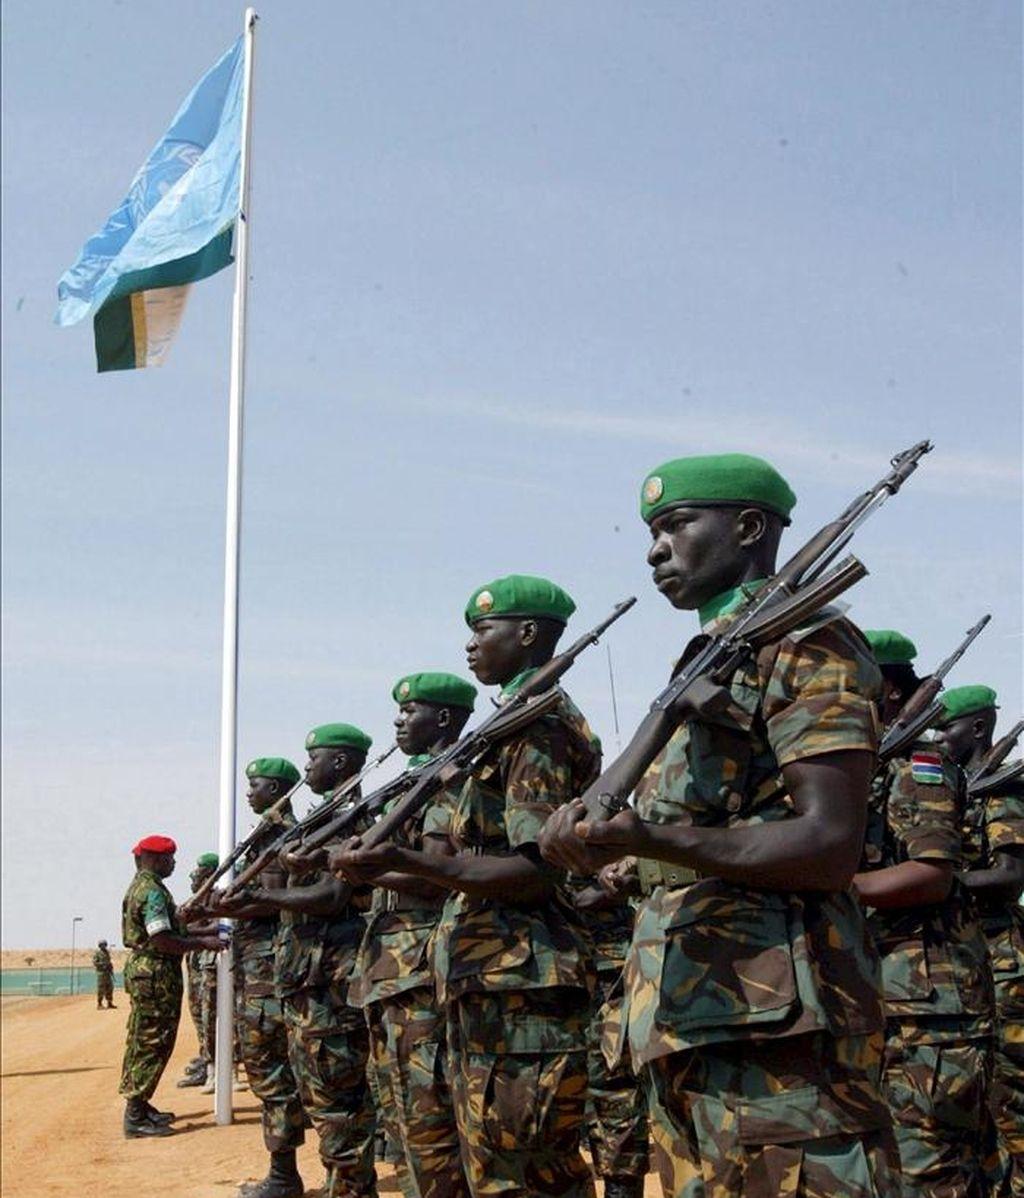 """En respuesta a este aumento de la violencia, el portavoz de la ONU, Martin Nesirky, explicó que los responsables de UNMIS han intensificado sus patrullas en la zona de Abyei y están preparados para reforzar sus miembros, """"si es necesario"""". EFE/Archivo"""